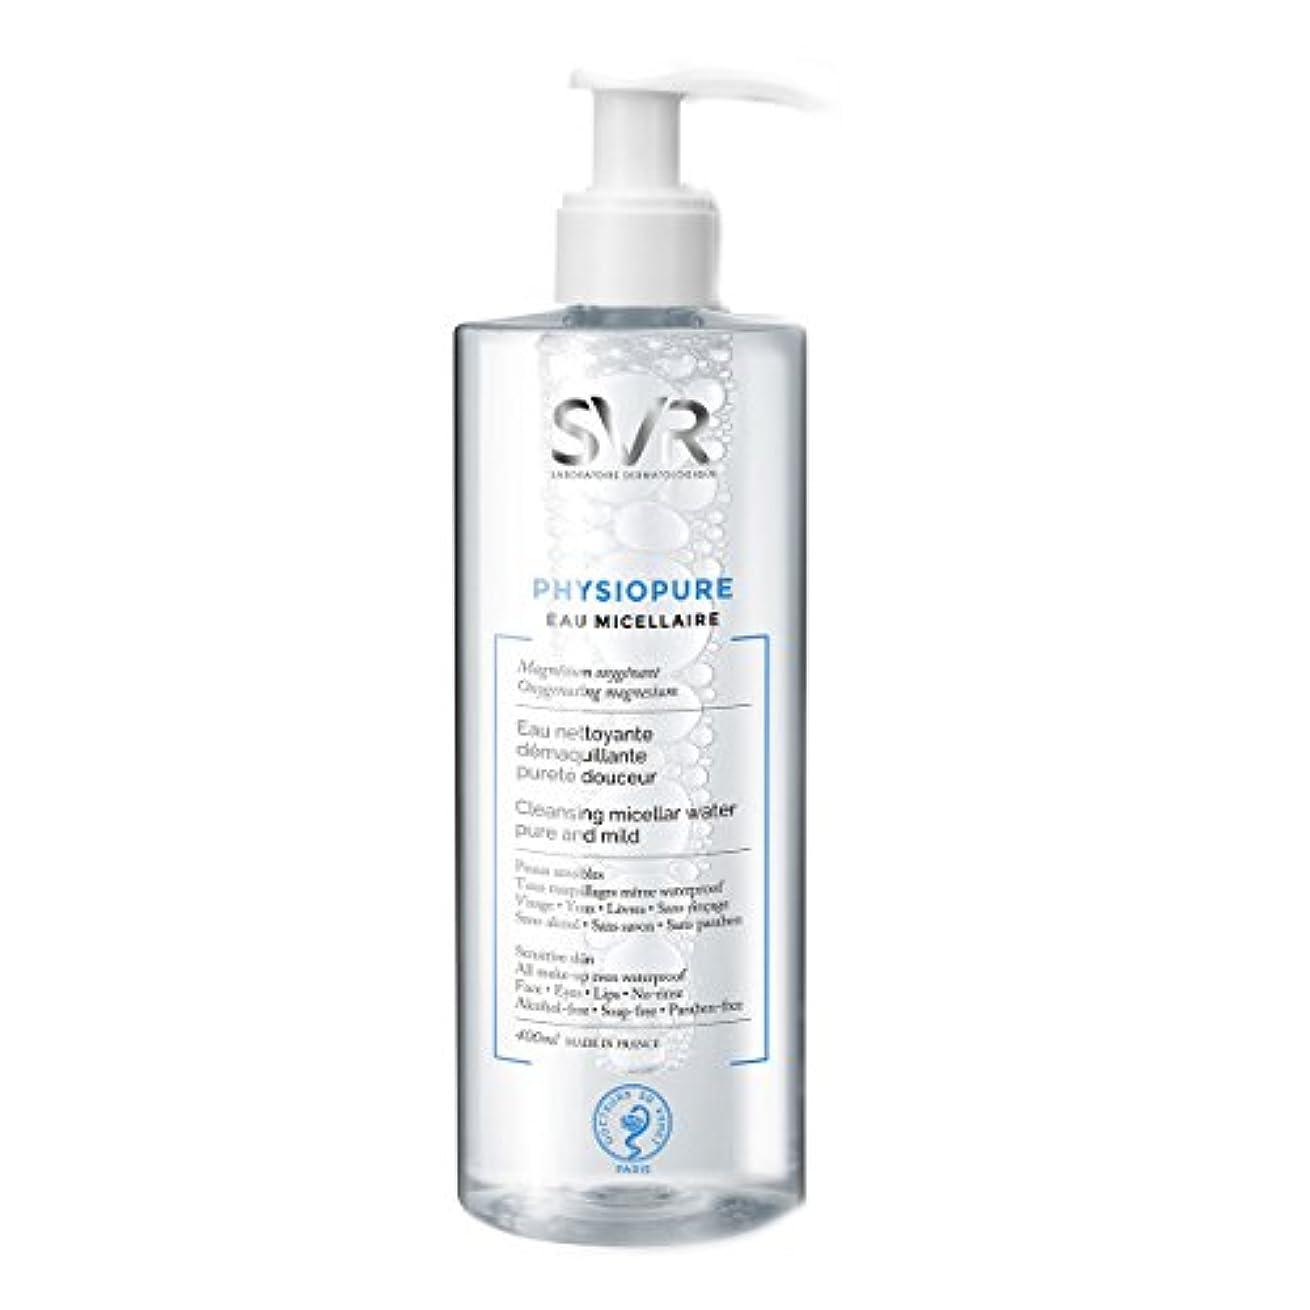 薄汚い高価な役立つSvr Physiopure Cleansing Micellar Water 400ml [並行輸入品]